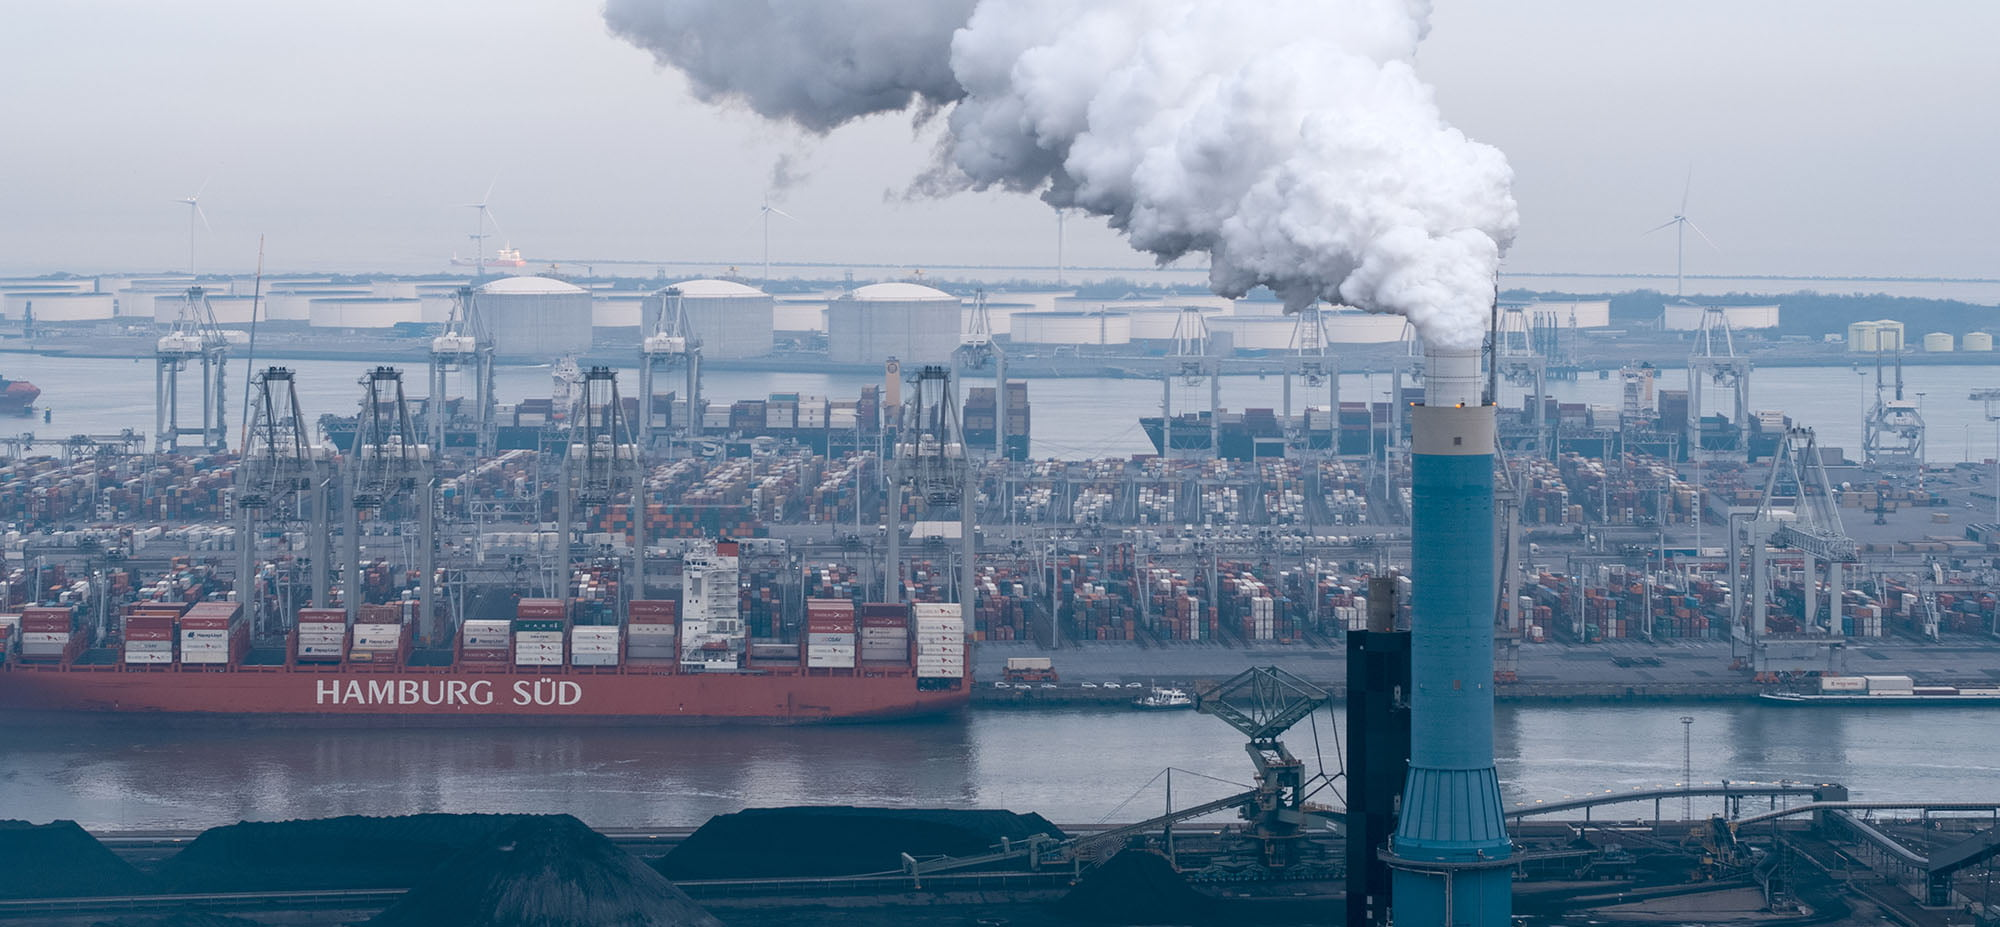 Luchtopnames van industriële bedrijven